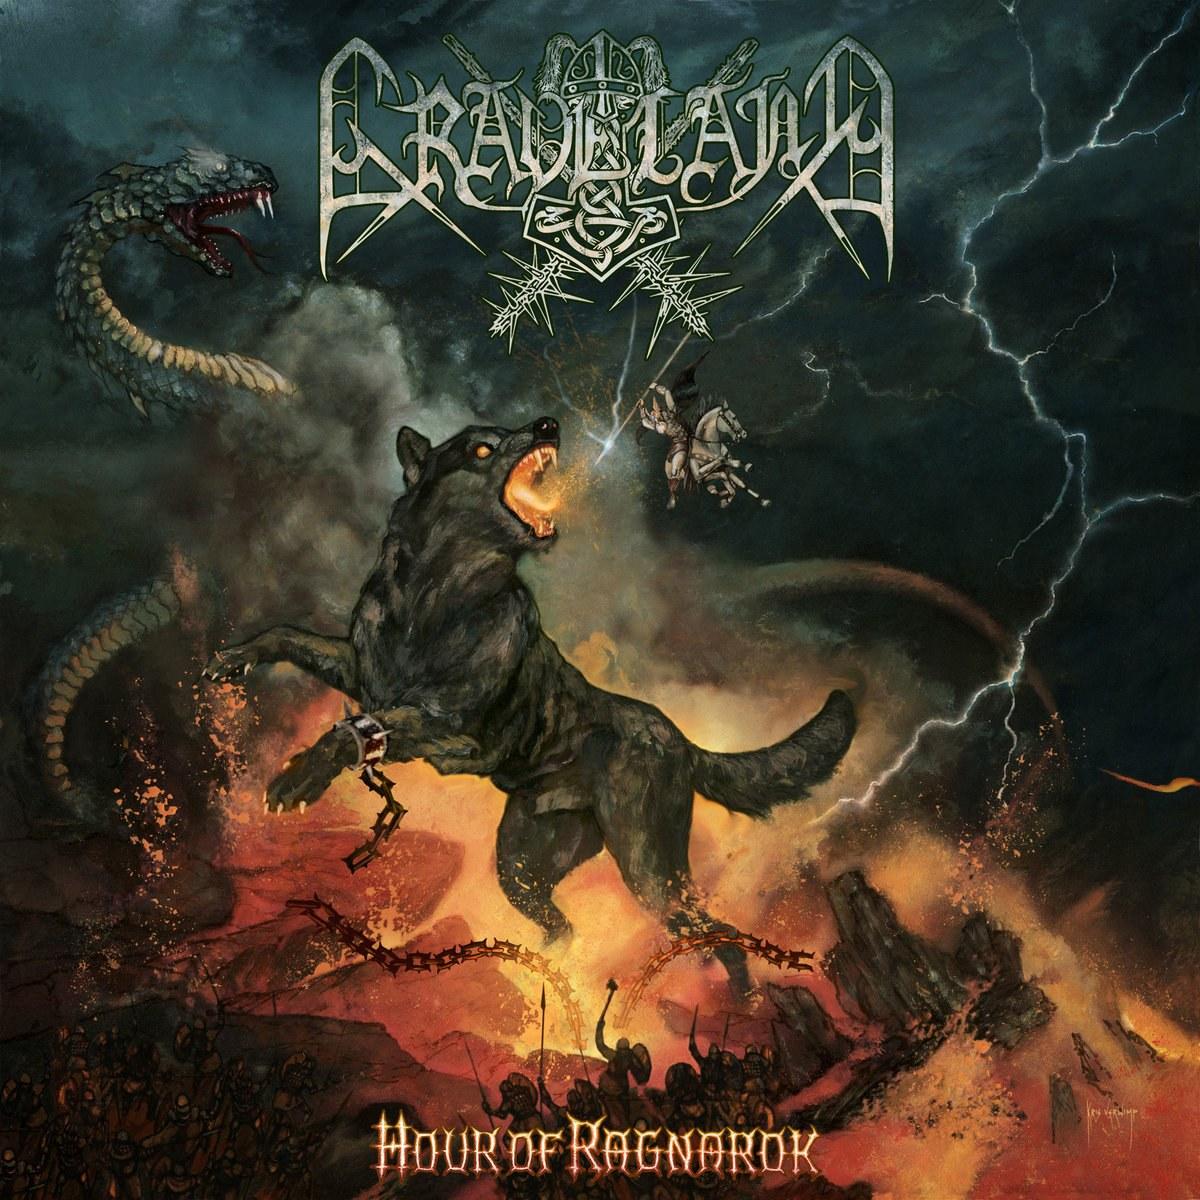 Graveland - Hour of Ragnarok